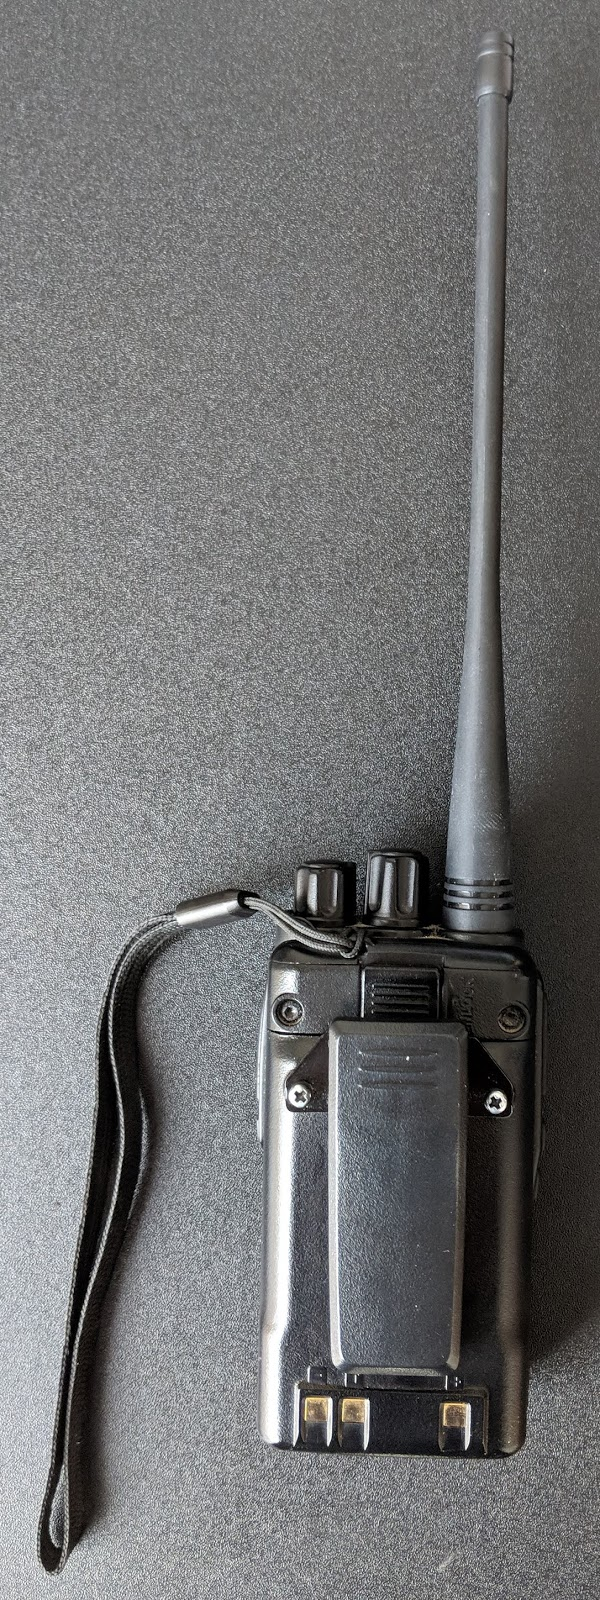 K3NYJ Amateur Radio